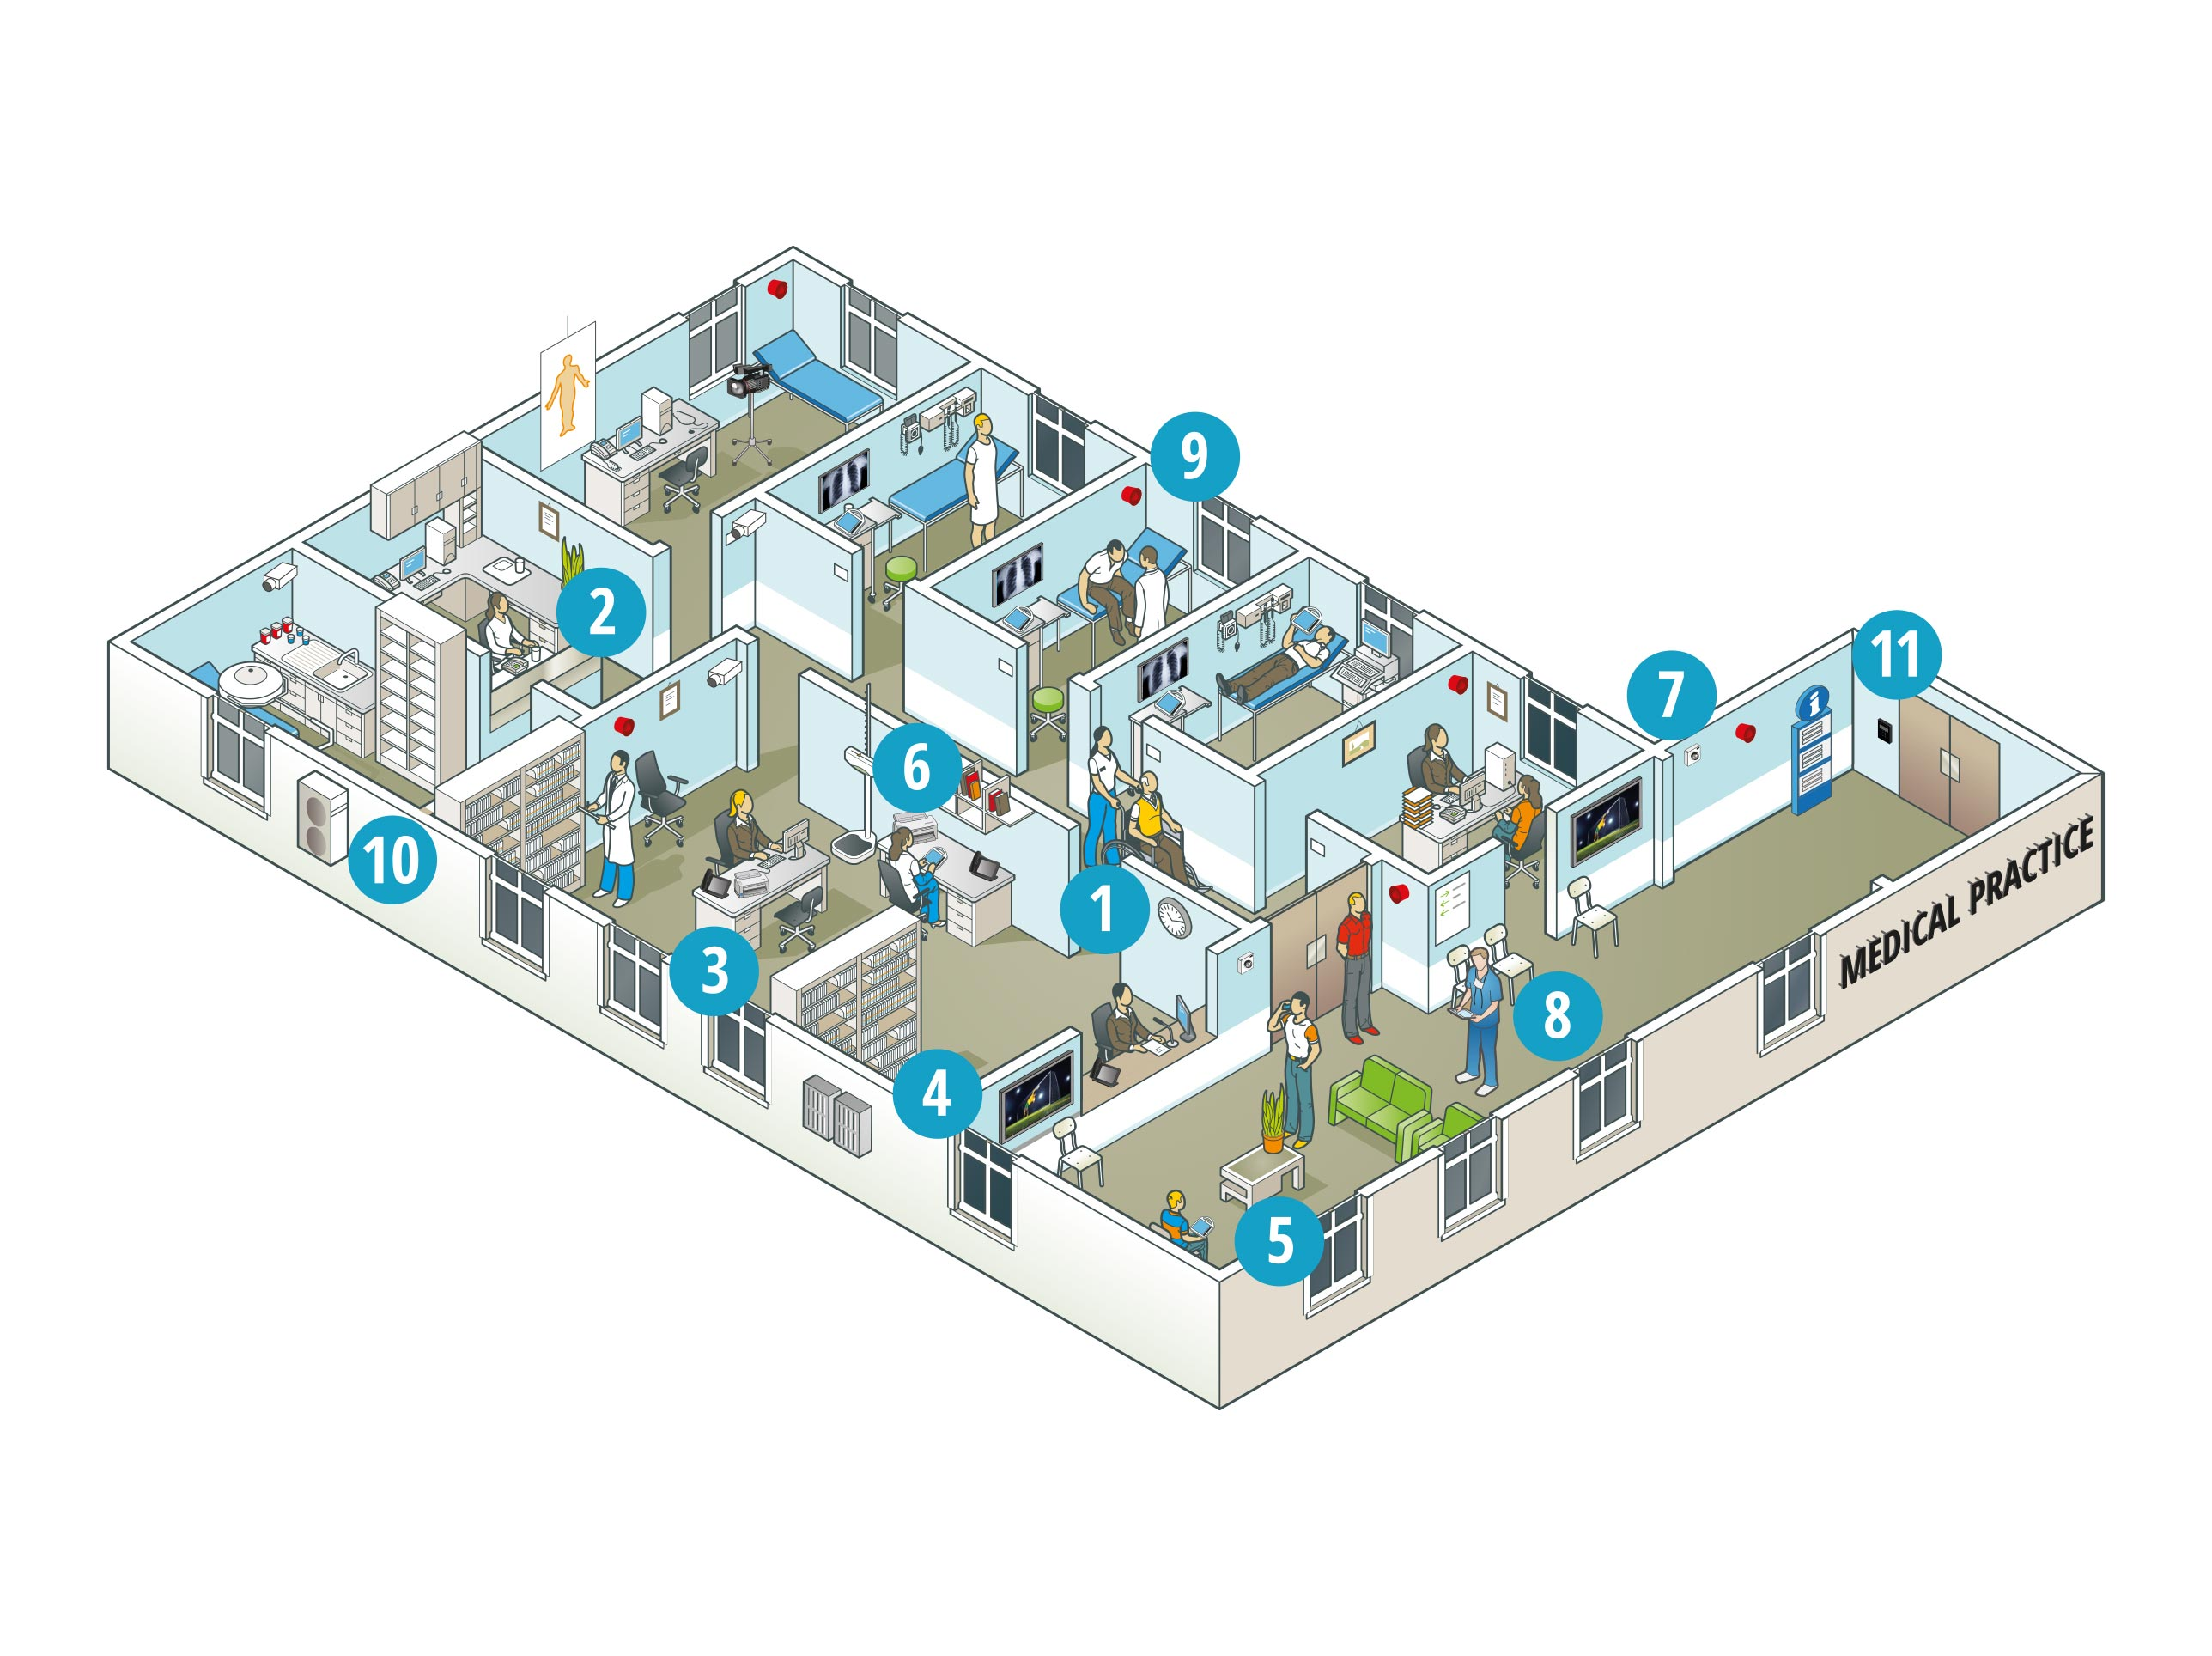 Wie unterstützen die Lösungen von Panasonic Arztpraxen?